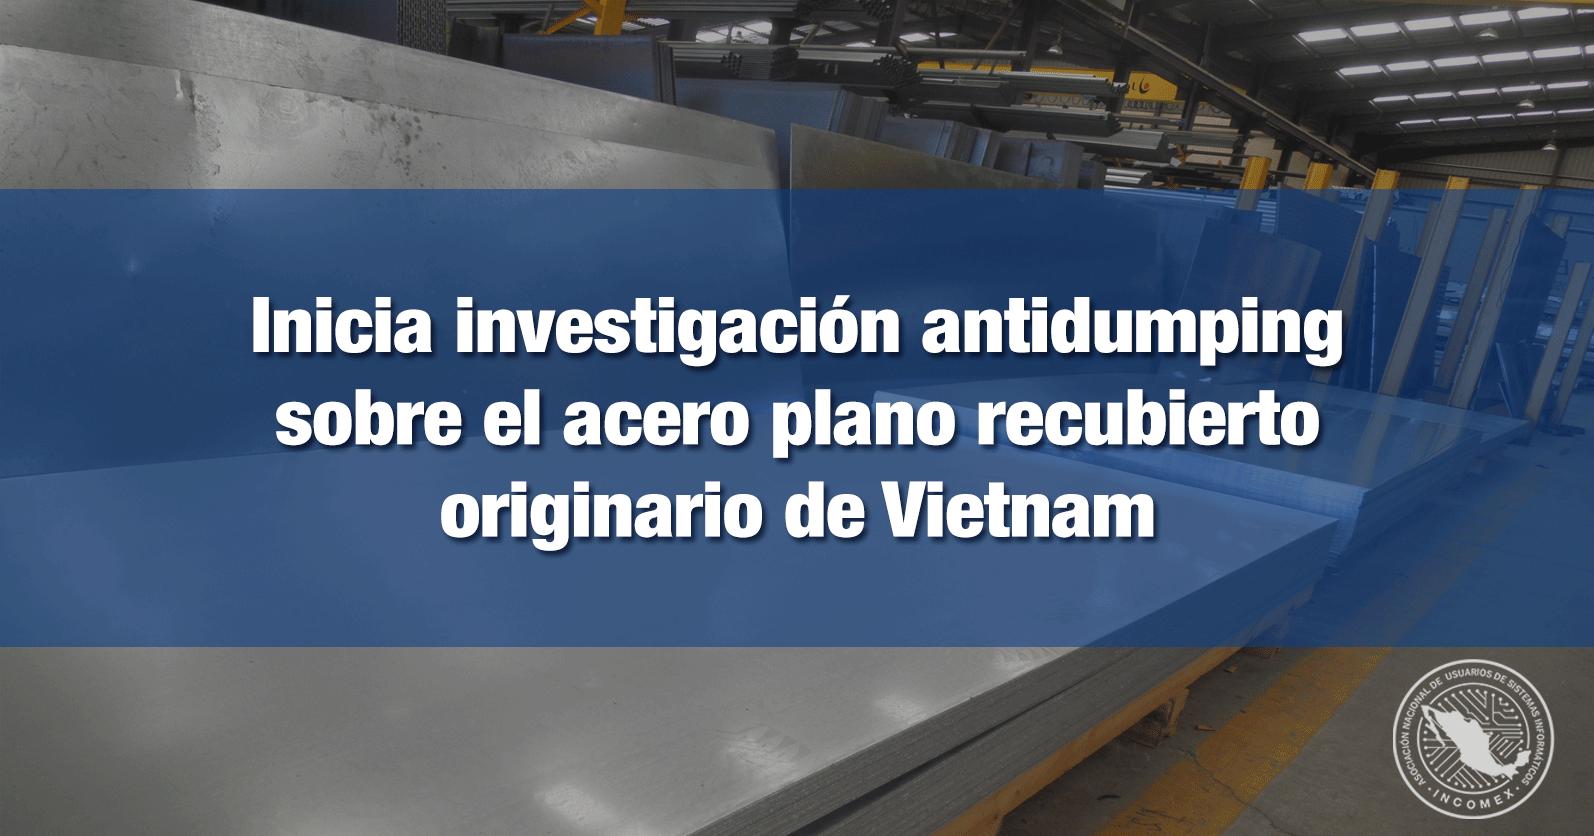 Inicia investigación antidumping sobre el acero plano recubierto originario de Vietnam